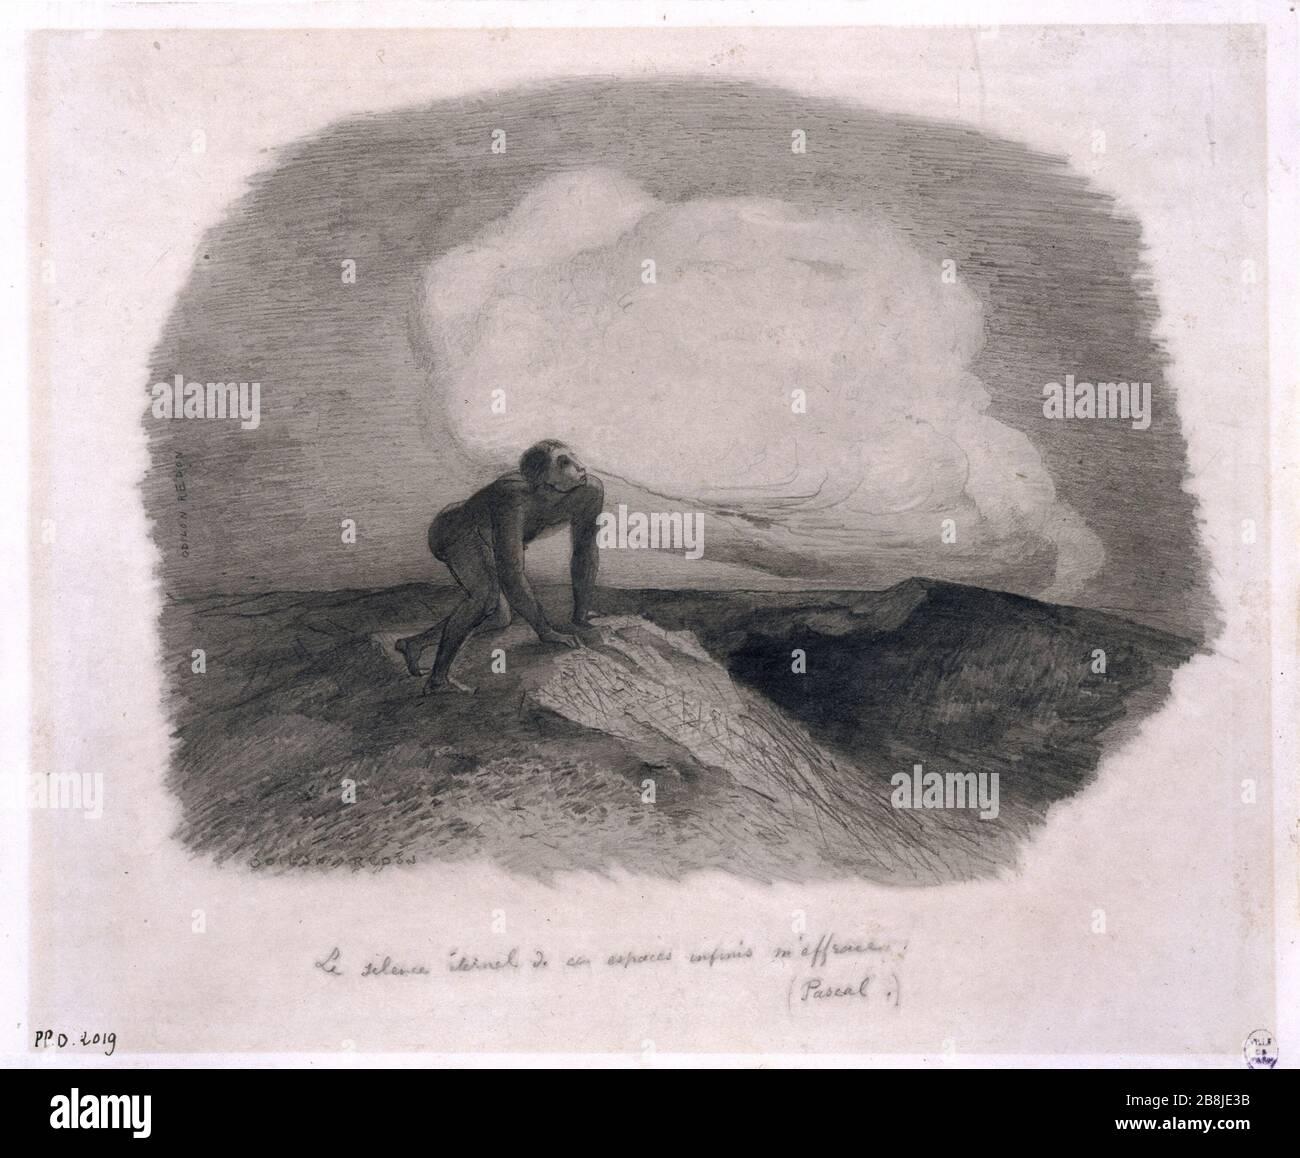 SILENCIO ETERNO DE ESTAS ÁREAS INFINITO me asusta (PASCAL) Odilon Redon (1840-1916). 'Le silence éternel de ces espaces infinis m'effraie (Pascal)'. Crayón. Musée des Beaux-Arts de la Ville de París, Petit Palais. Foto de stock